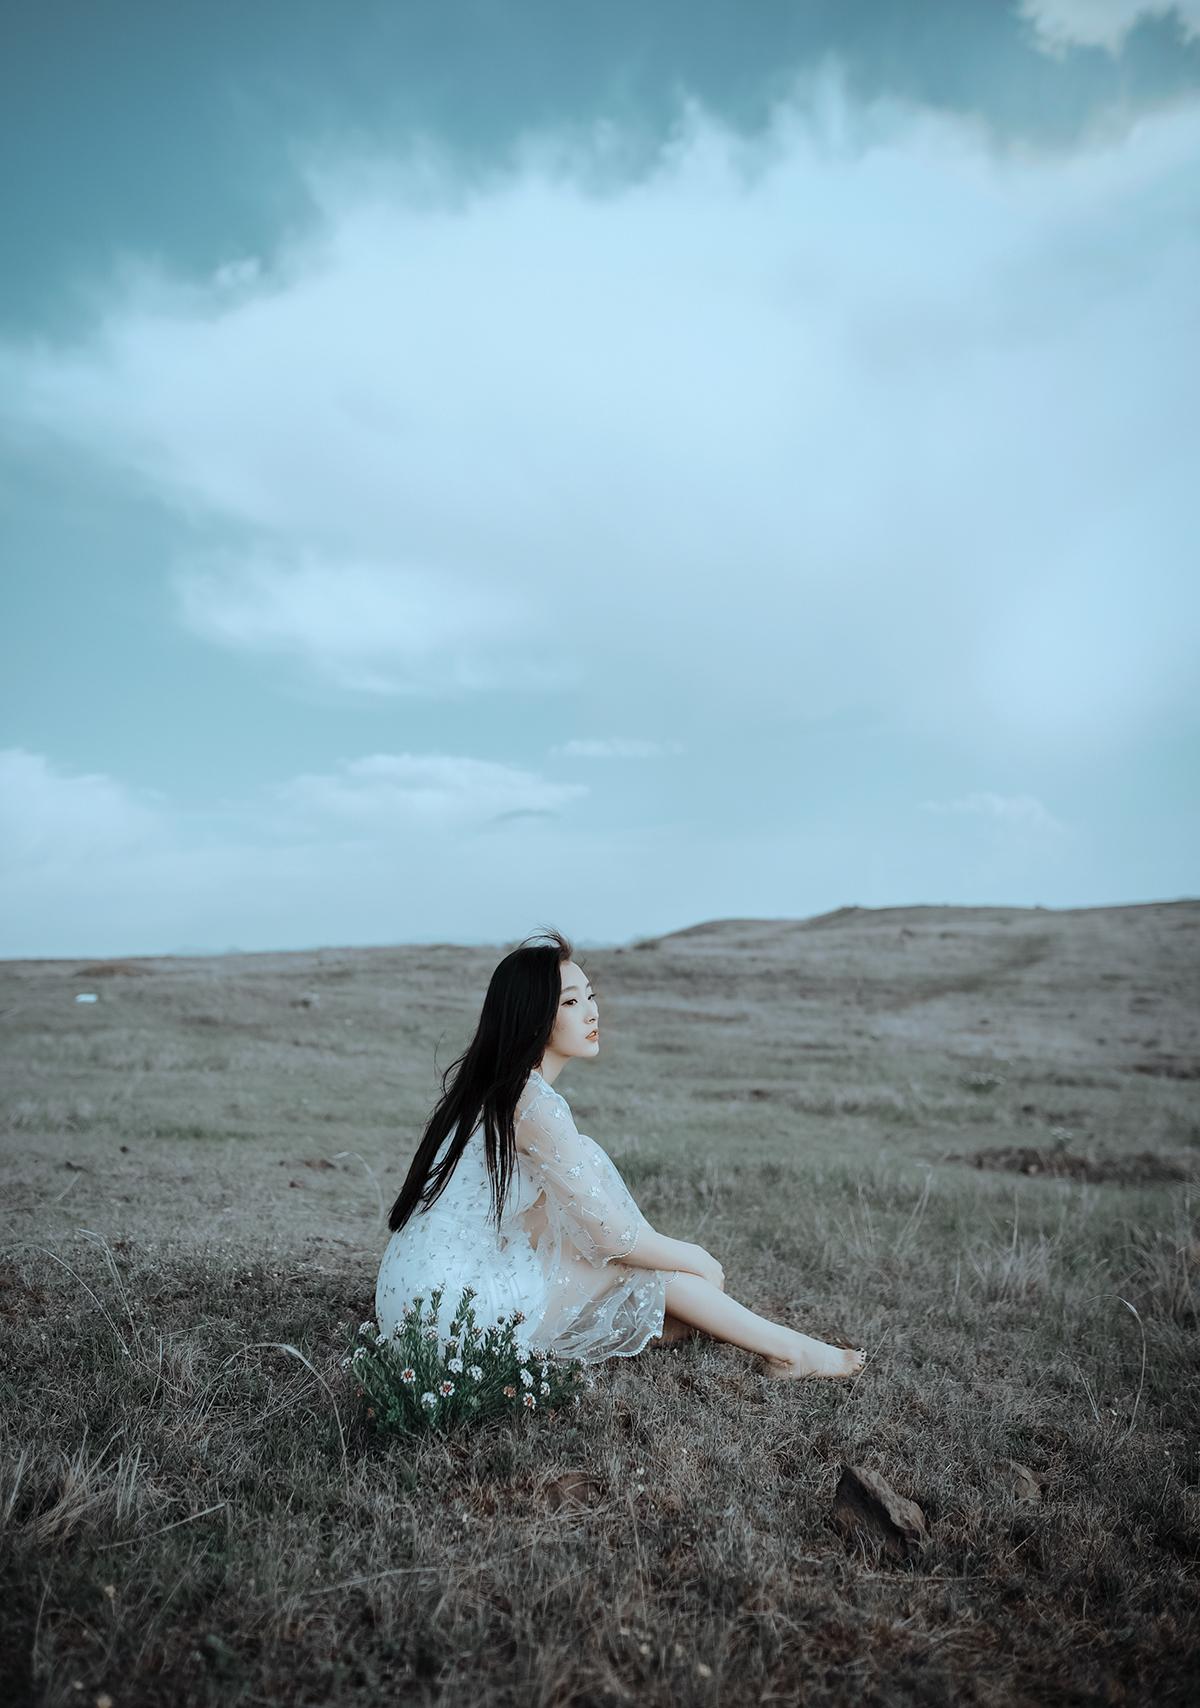 夏筱丫的形象照